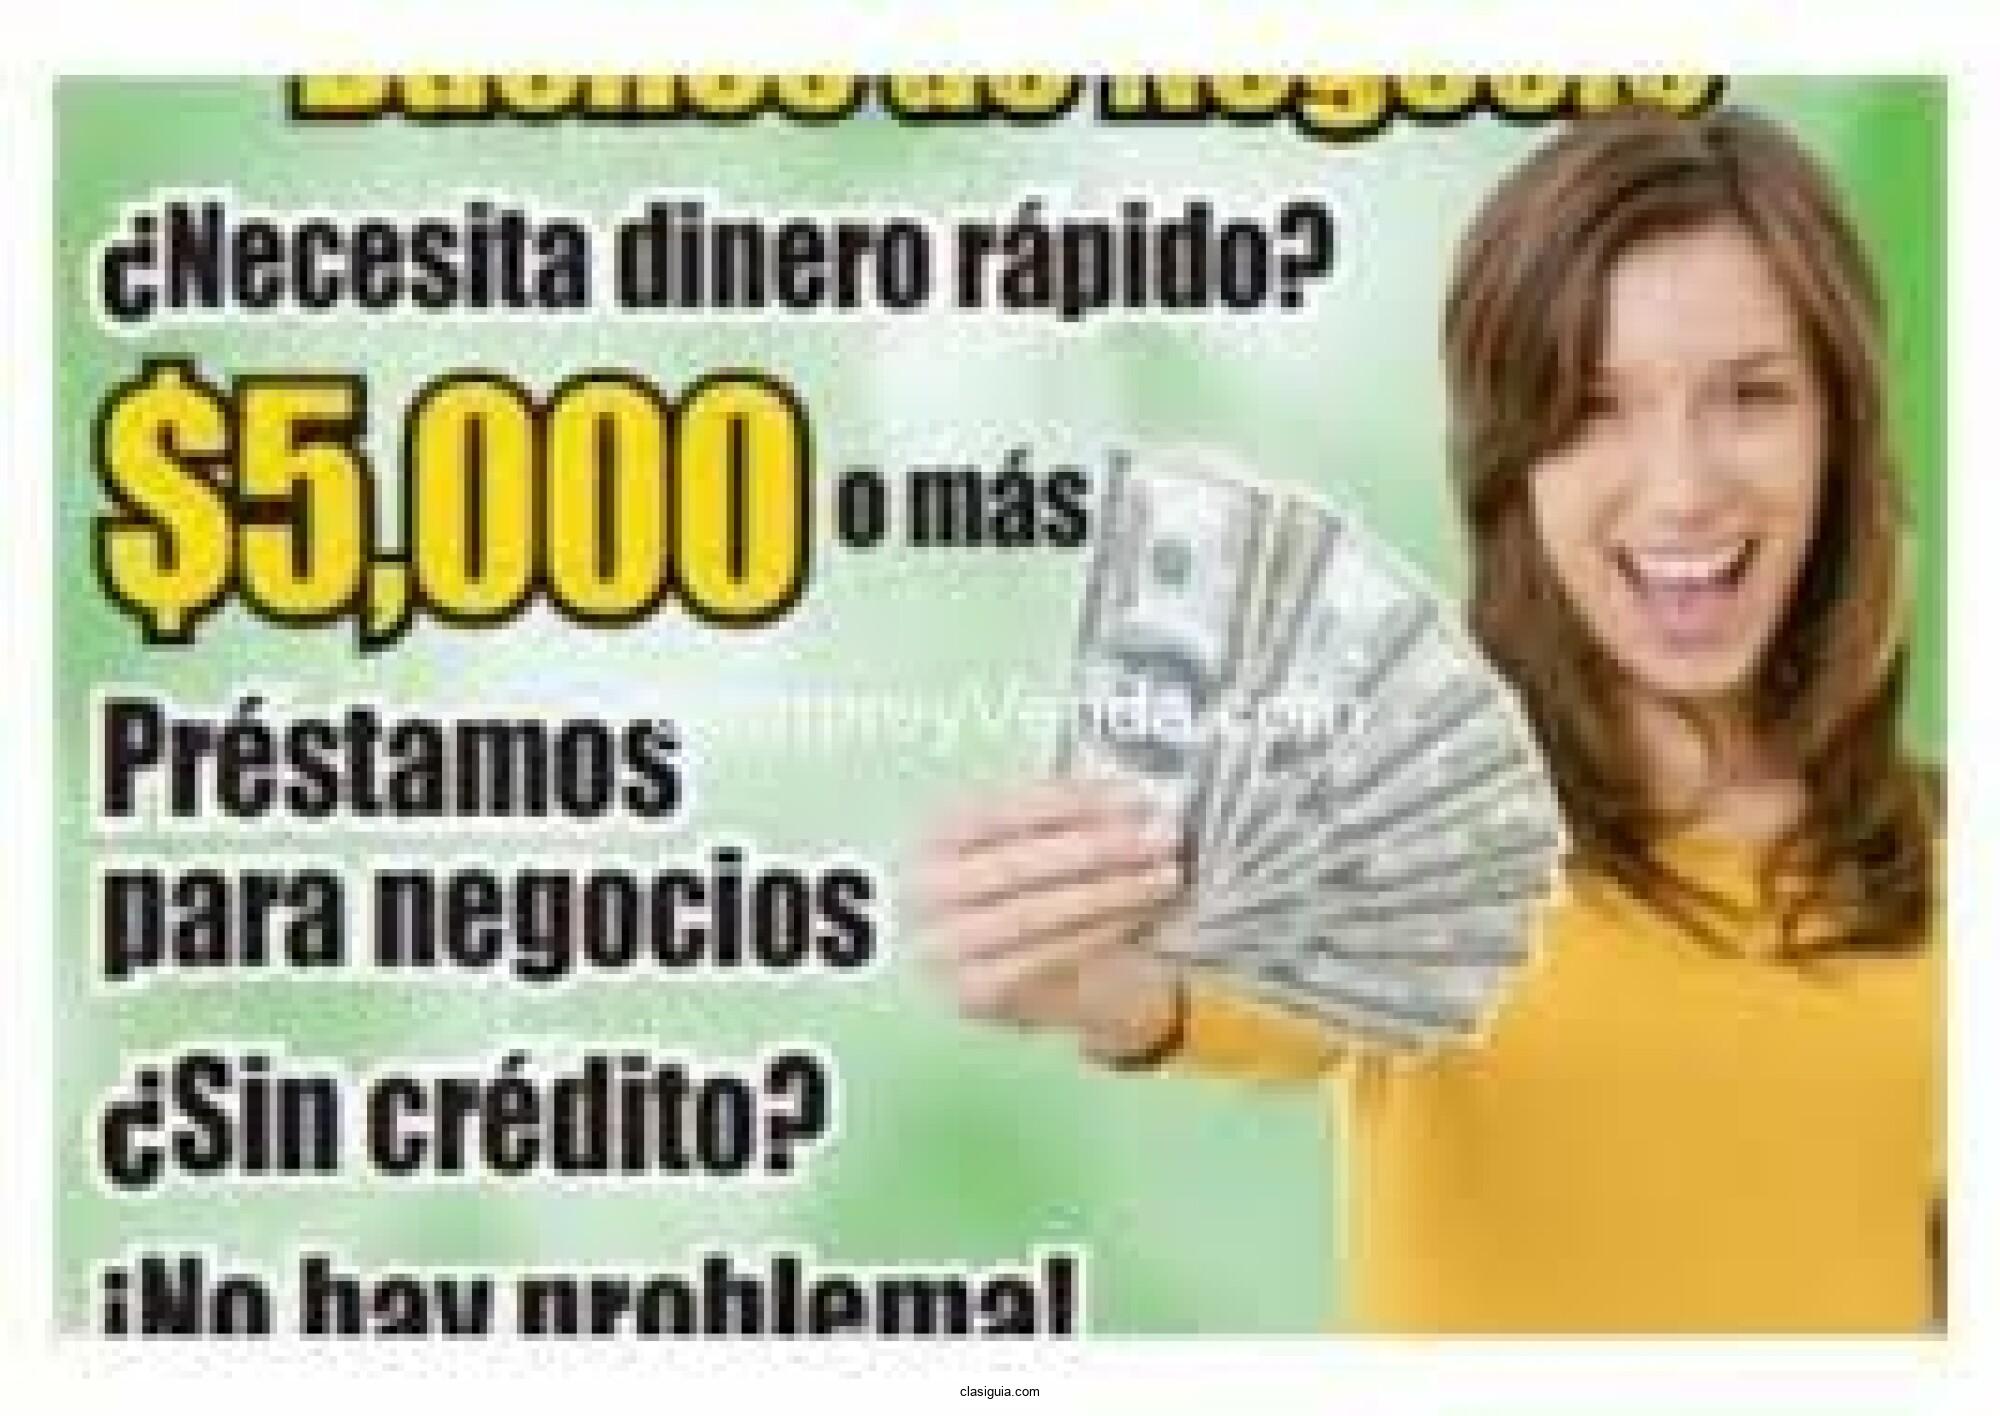 ayuda.financiera321@gmail.com